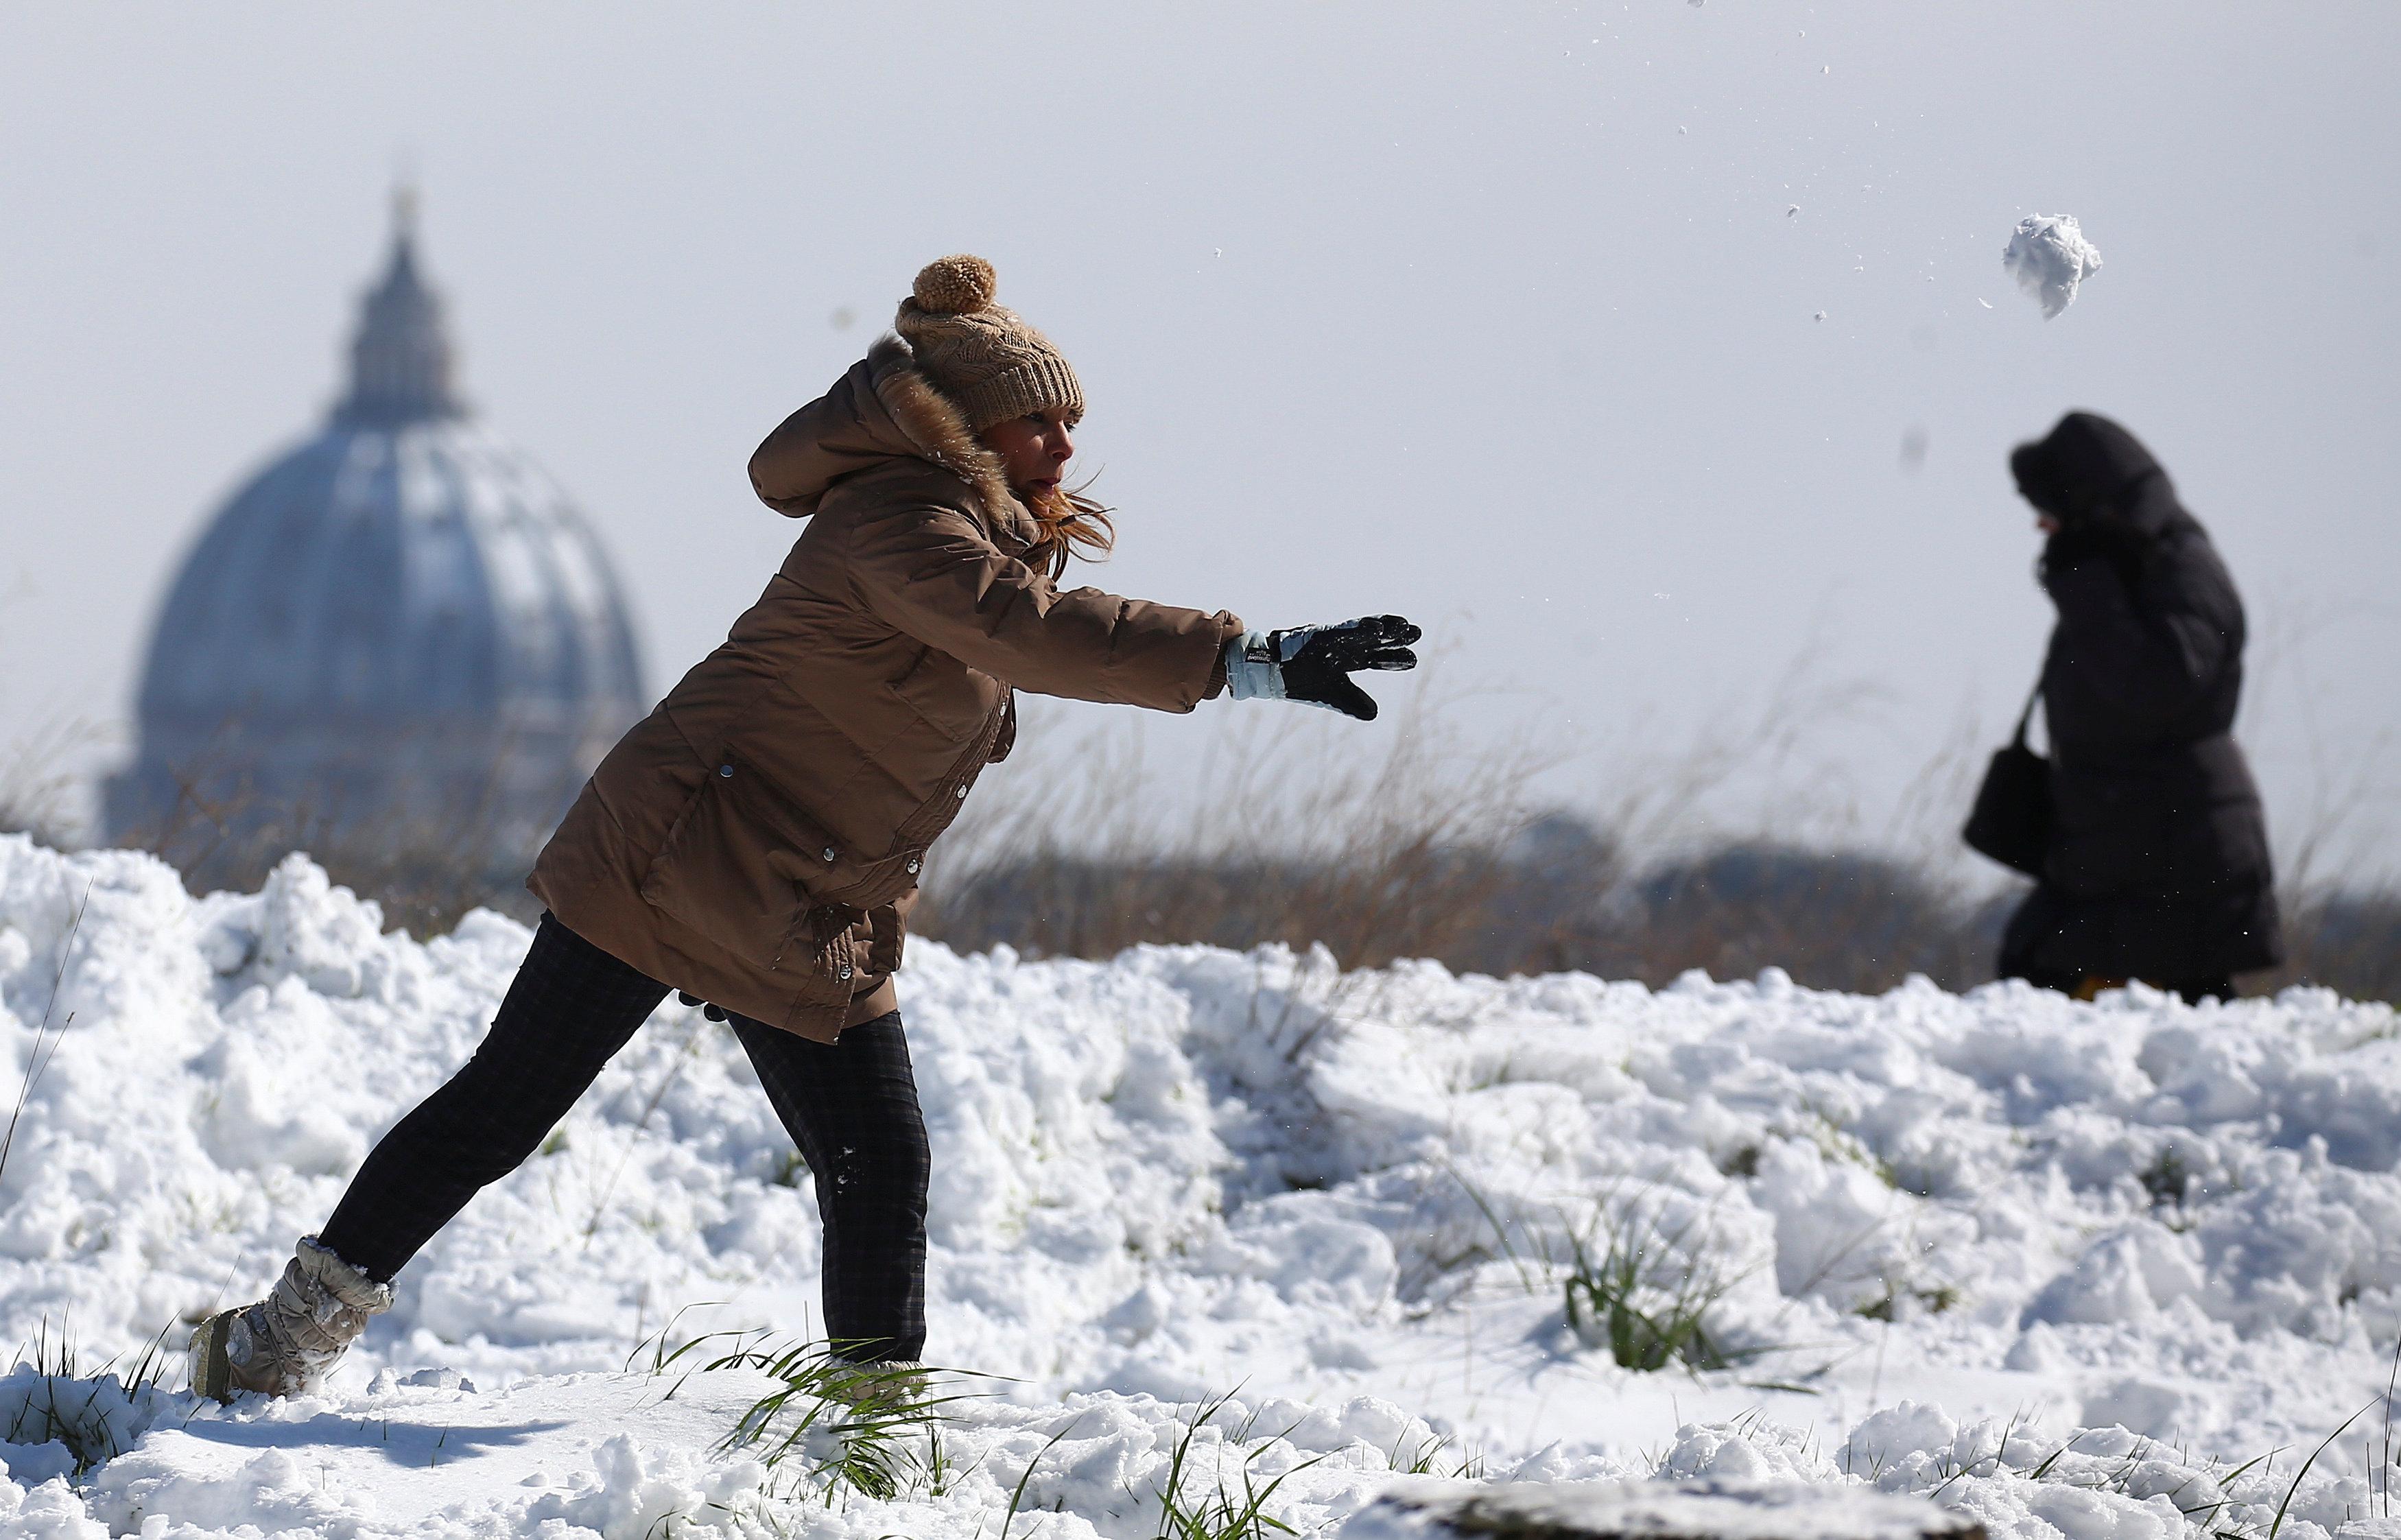 Una mujer lanza una bola de nieve frente a la cúpula de San Pedro en Roma(REUTERS/Alessandro Bianchi)